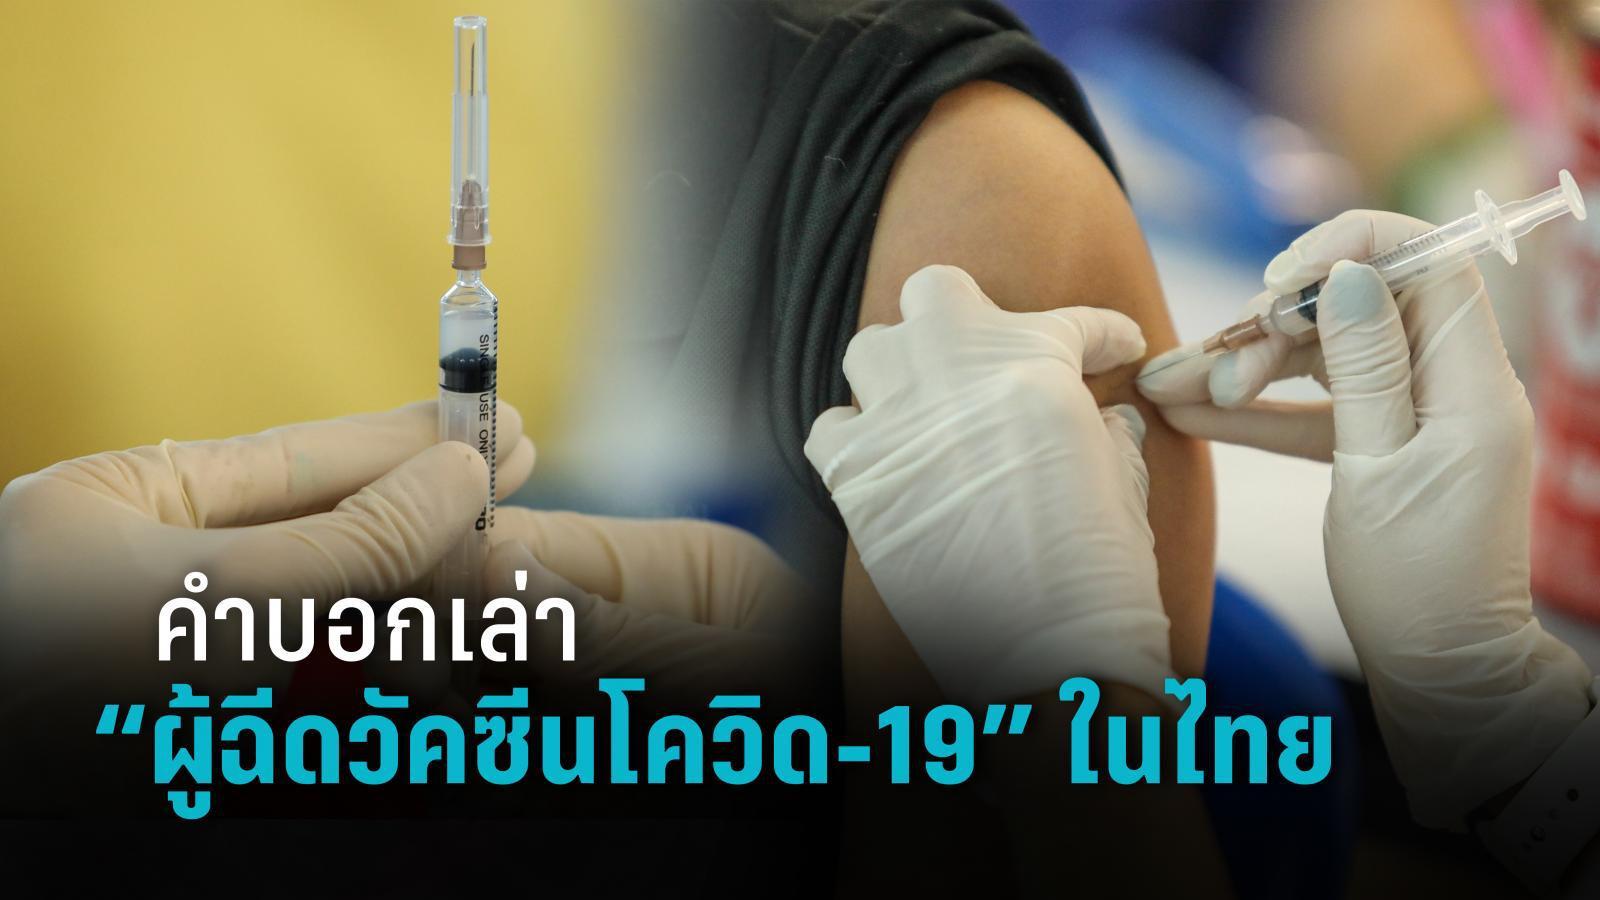 """คำบอกเล่าประสบการณ์ตรงจาก """"ผู้ฉีดวัคซีนโควิด-19"""" ซิโนแวค"""